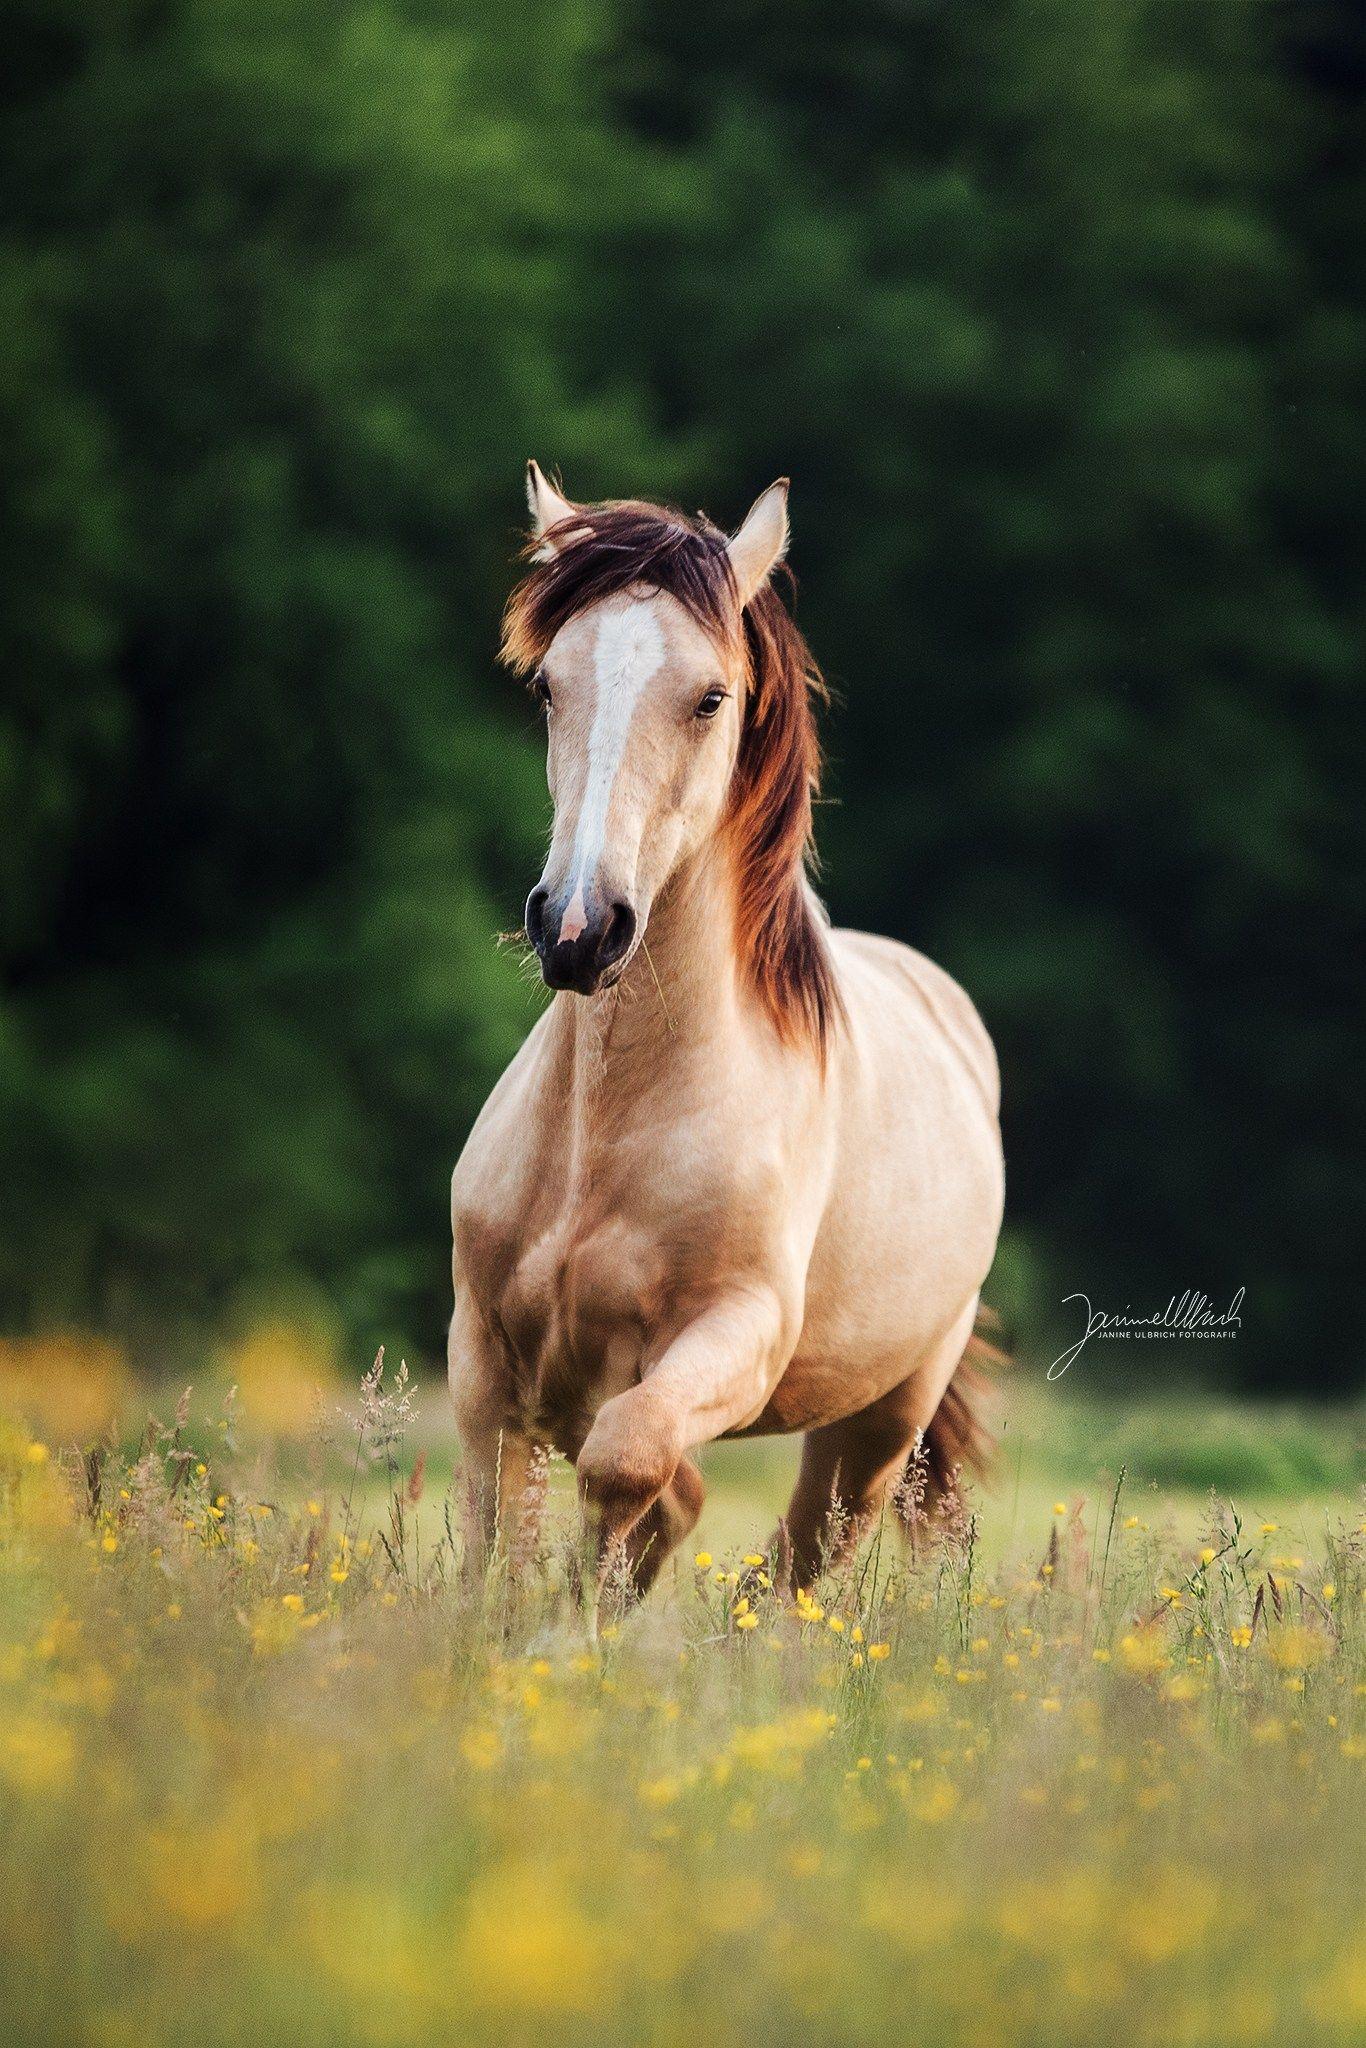 Pin Von Anna Barelli Auf Cavalli In 2020 Pferde Fotografie Pferdefotografie Pferdefotos